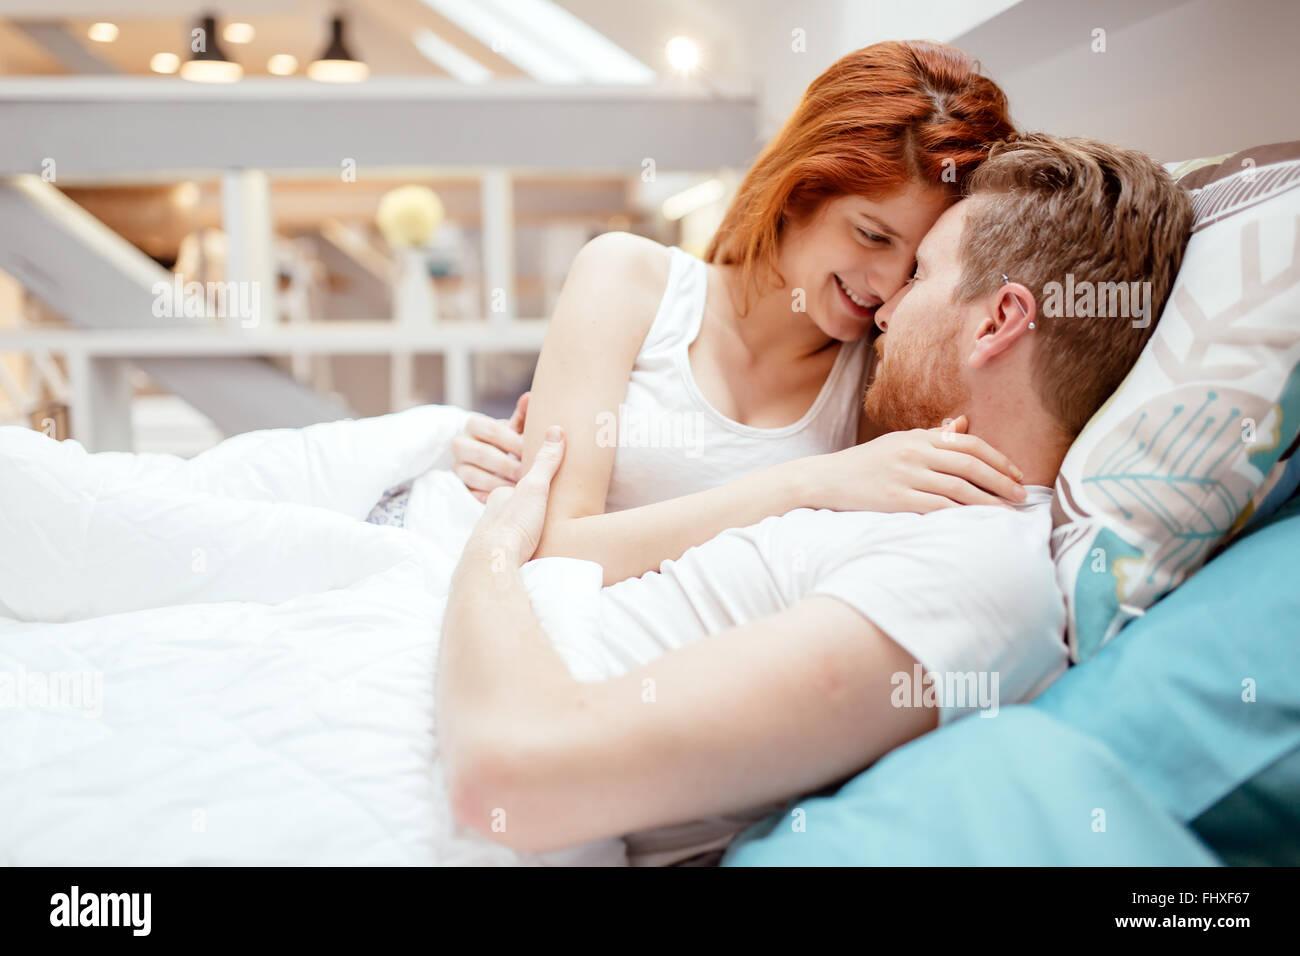 Bella giovane in amore sveglio nel letto e sorridente Immagini Stock